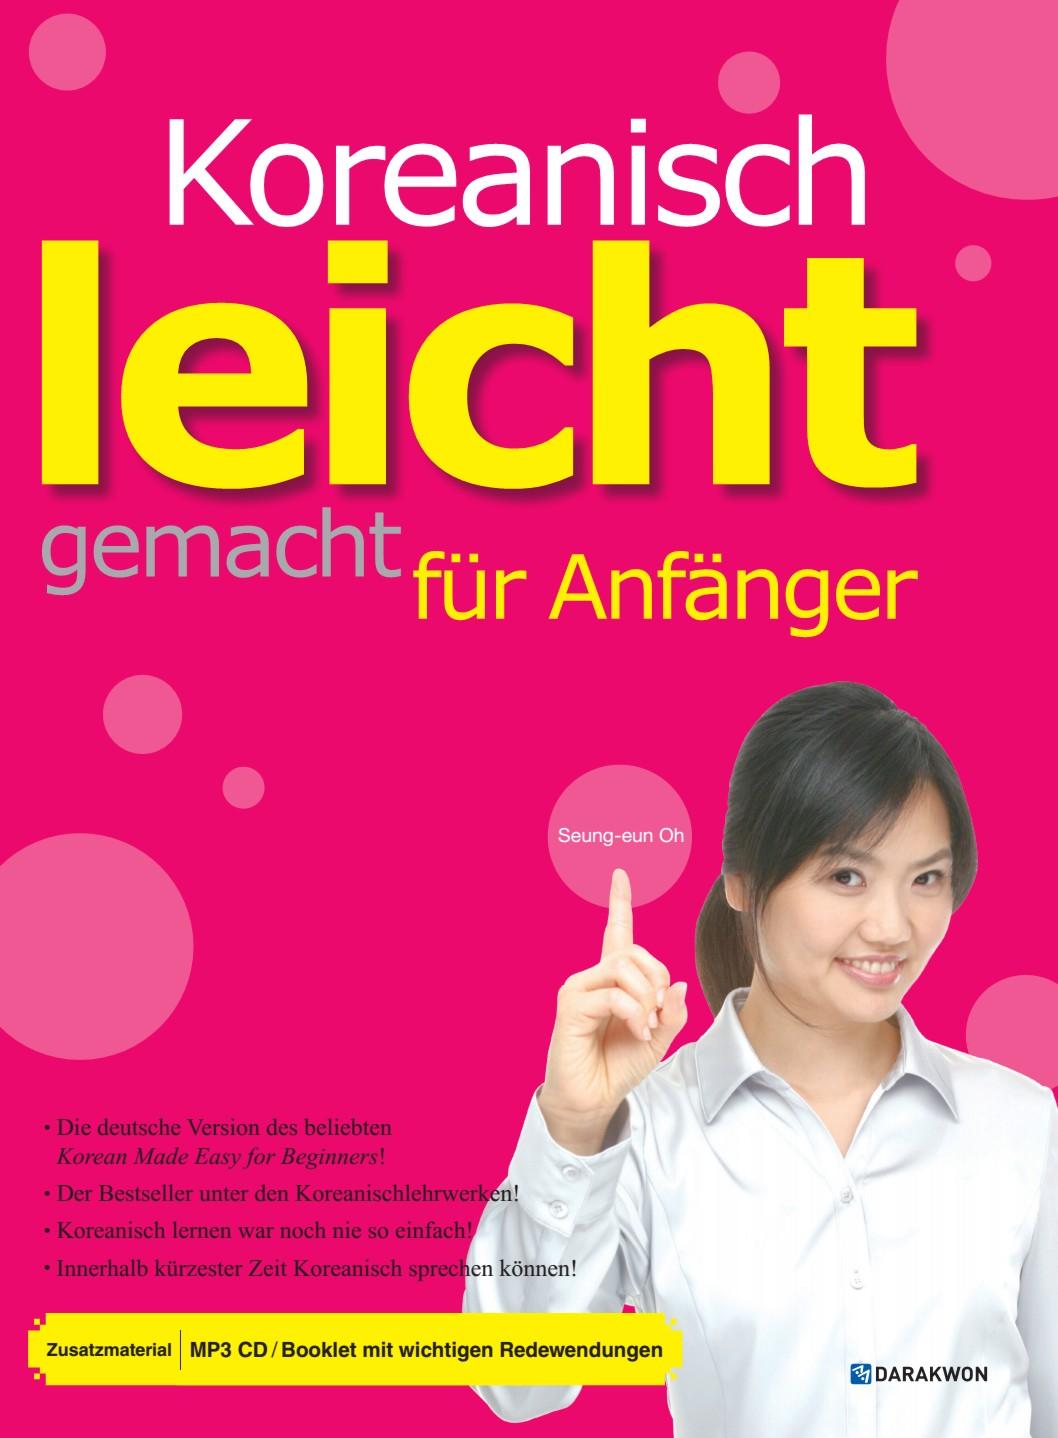 Enchanting Leicht Anfänger Nähmustern Festooning - Decke Stricken ...